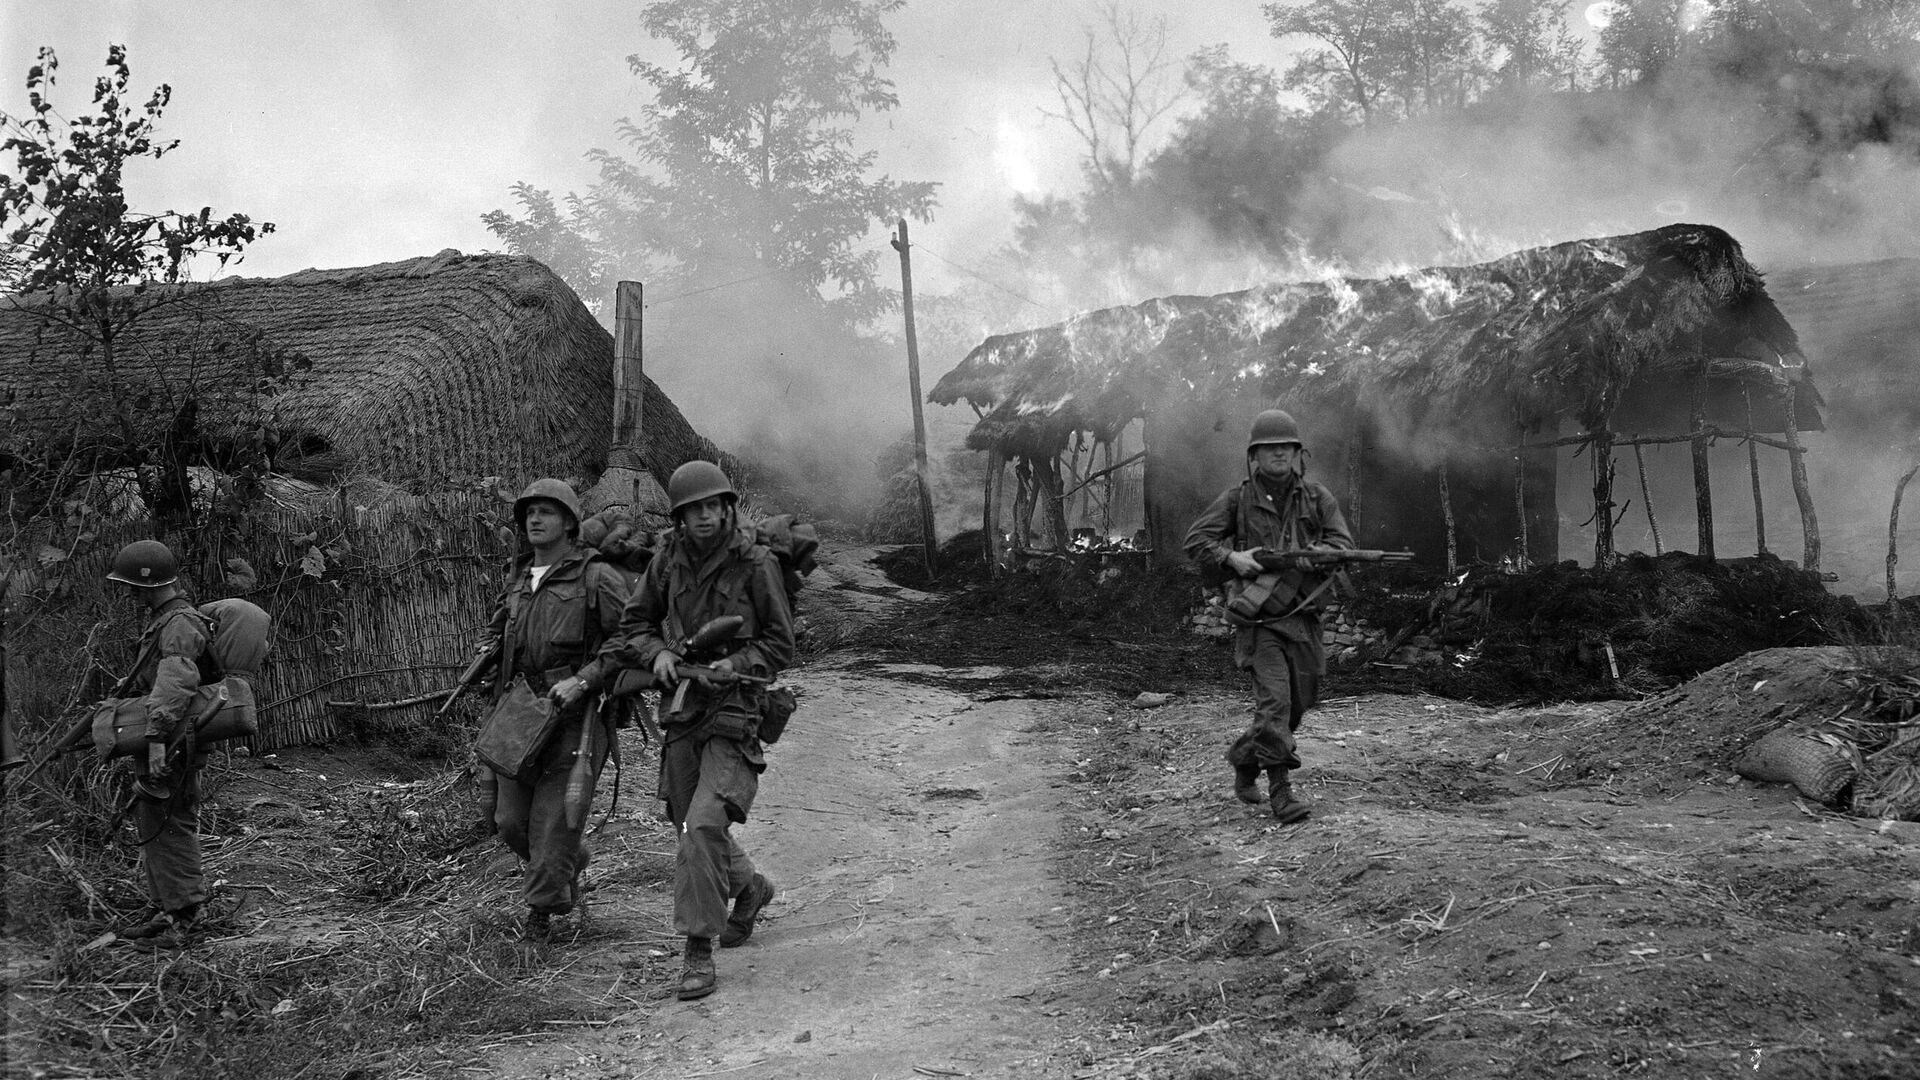 Корейская война. Американские военные в Сукчене, Северная Корея. 20 октября 1950 года  - РИА Новости, 1920, 26.11.2020